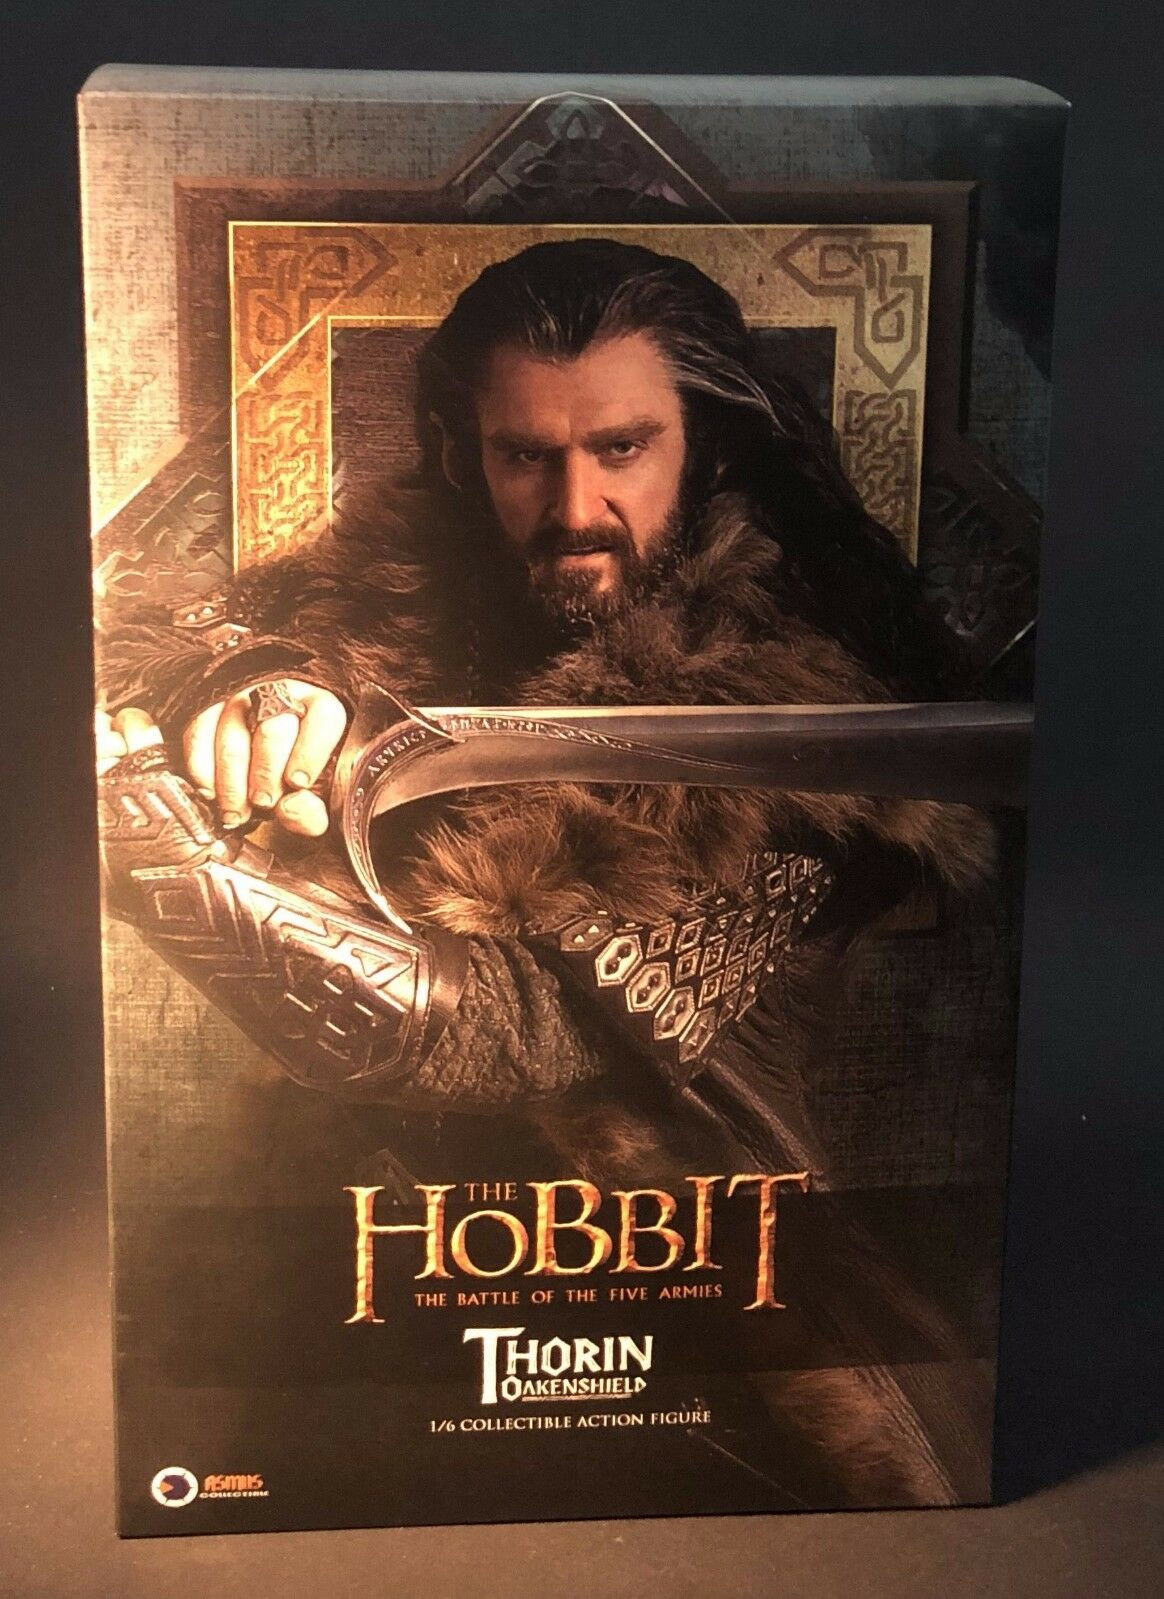 Asmus Juguetes El Hobbit Thorin Oakenshield Enano Rey bajo la montaña 16 figura